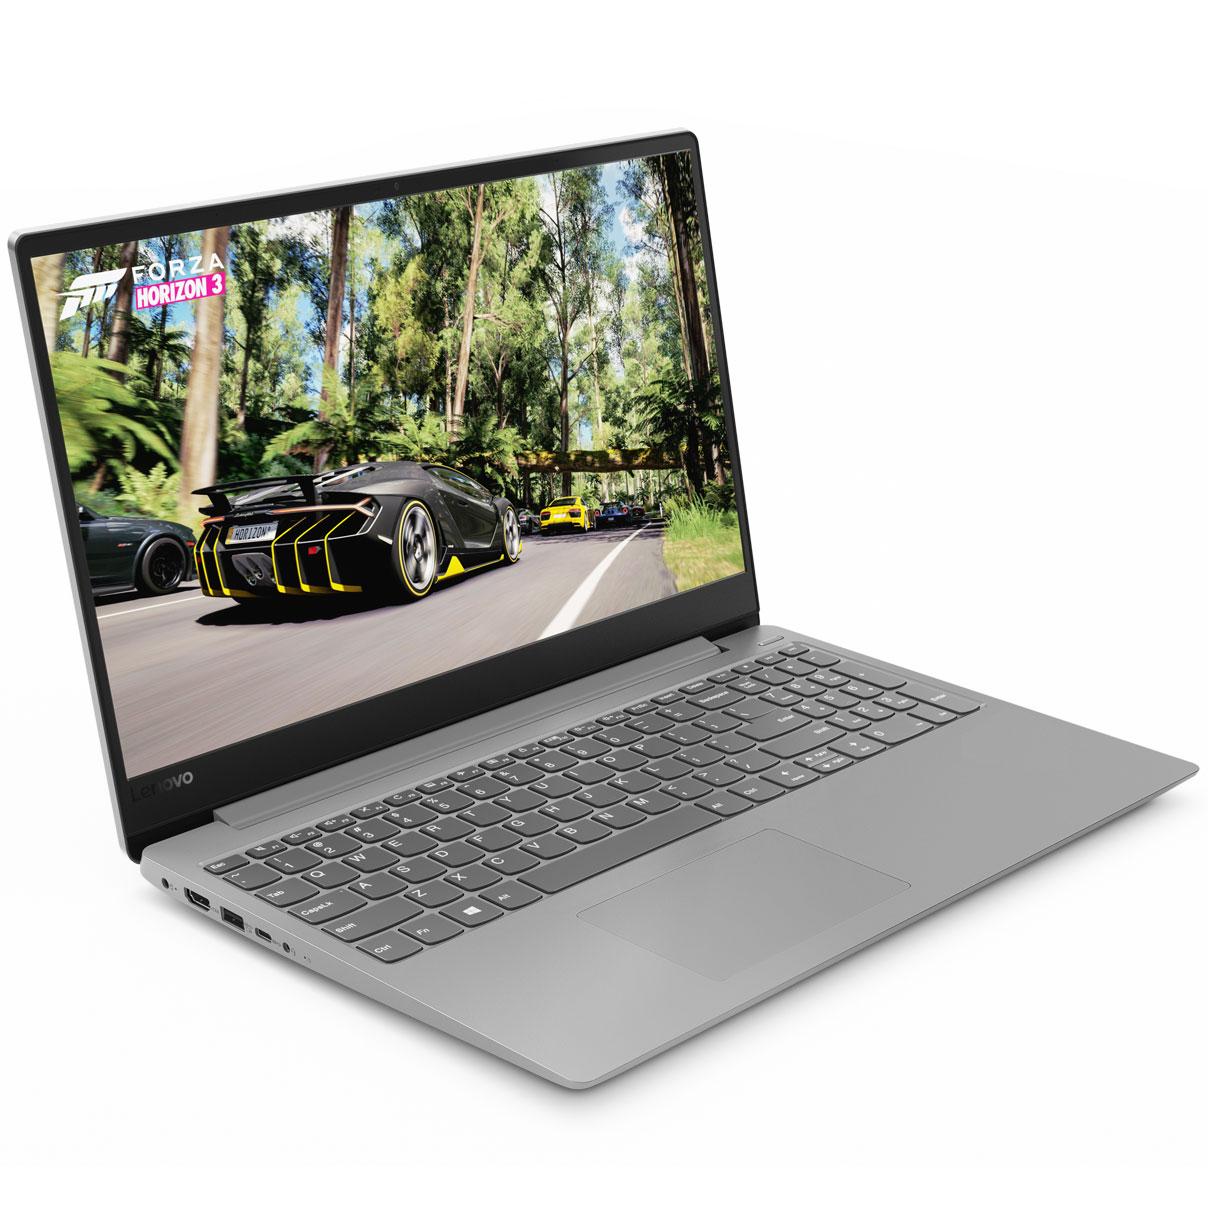 """PC portable Lenovo IdeaPad 330S-15ARR (81FB007FFR) AMD Ryzen 5 2500U 4 Go SSD 128 Go + HDD 1 To 15.6"""" LED Full HD Wi-Fi AC/Bluetooth Webcam Windows 10 Famille 64 bits"""